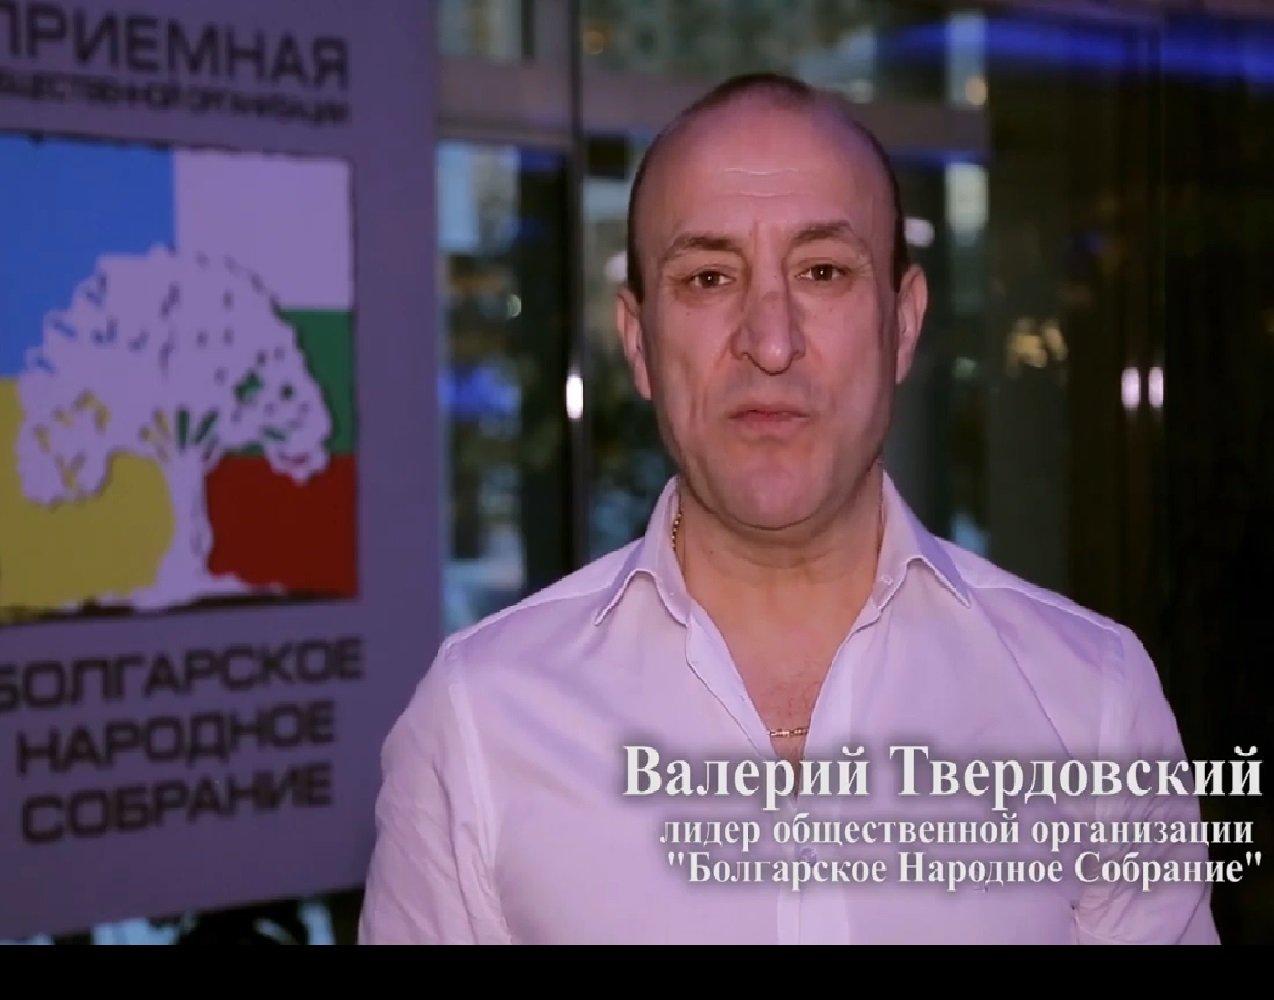 Приглашение в «Болгарское Народное Собрание»